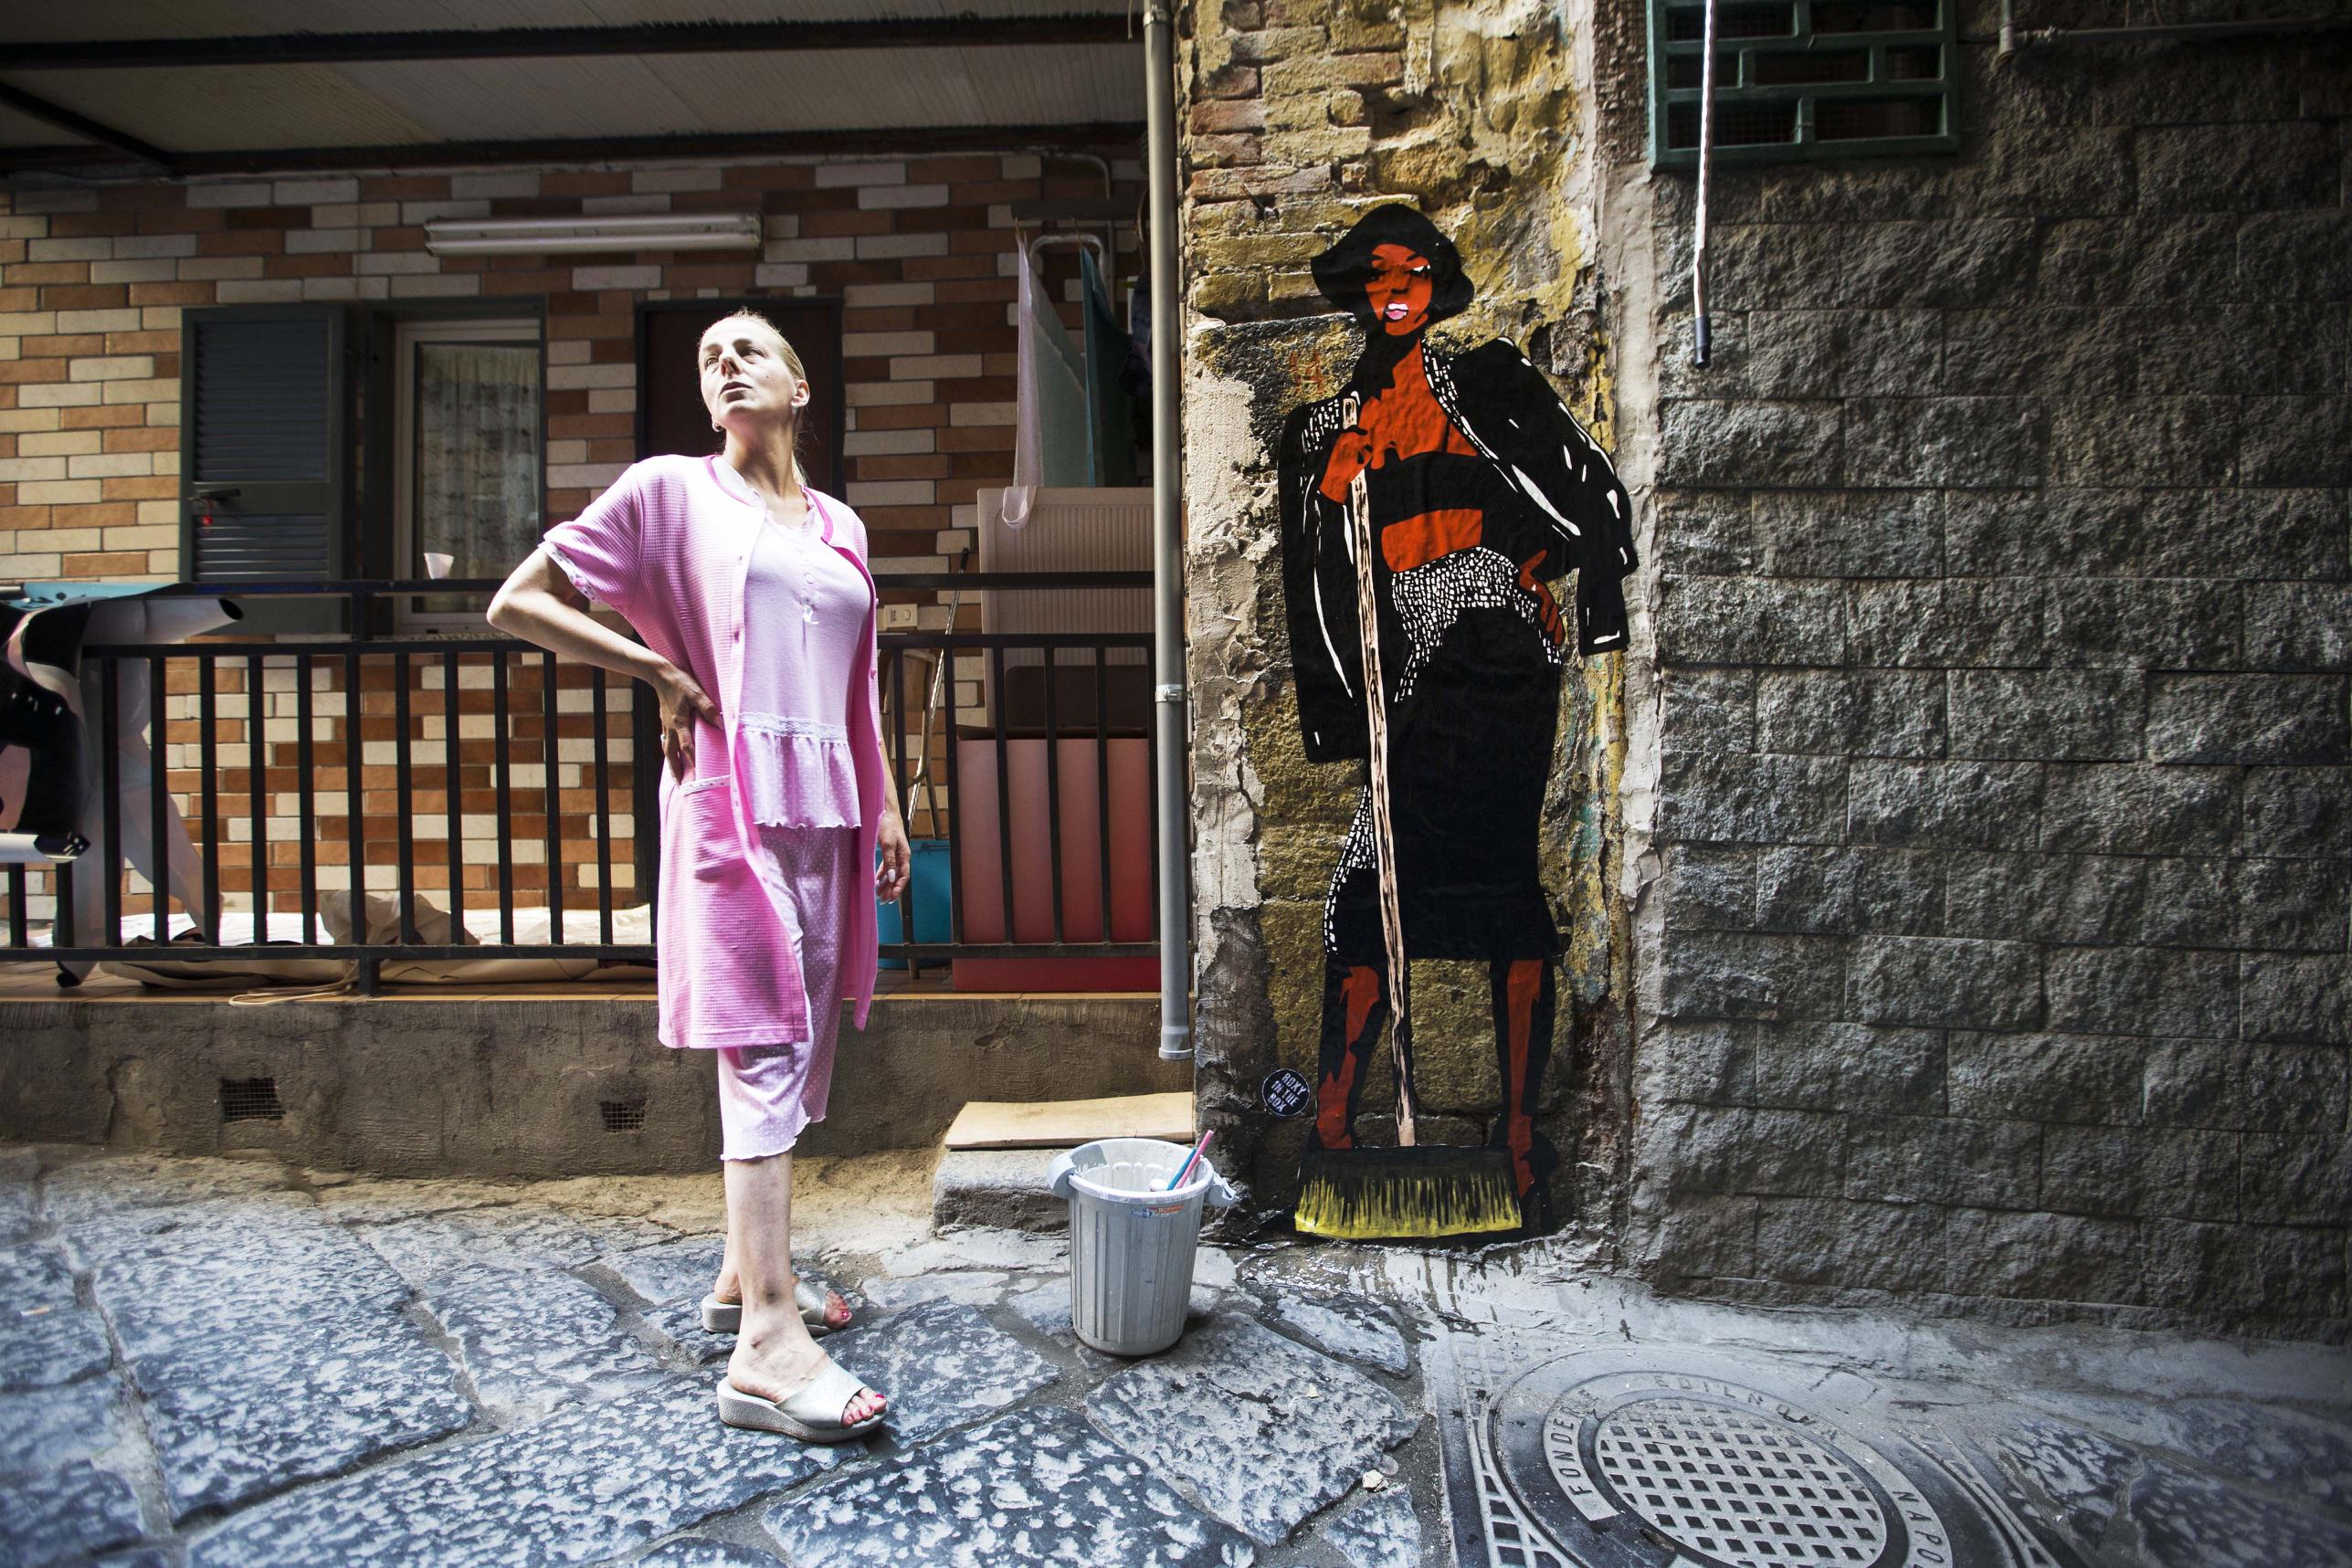 Naomi Campbella che spazza fuori a un basso. Newfotosud Sergio Siano